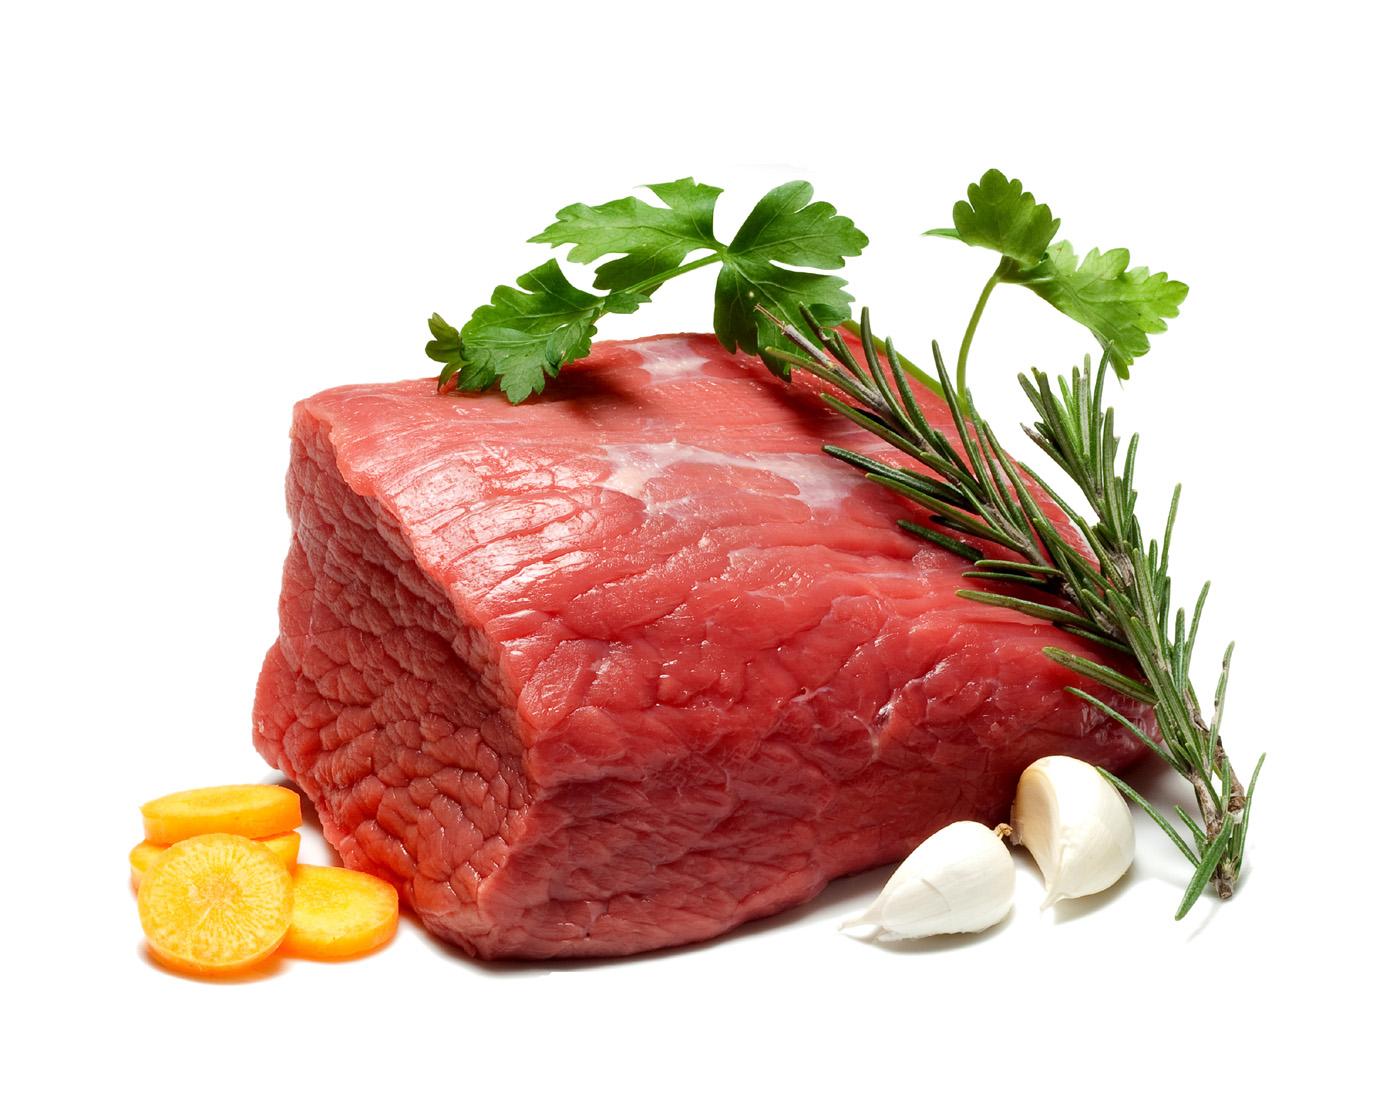 ¿ Hay venenos en la carne ?: Calidad de vida de omnívoros y vegetarianos